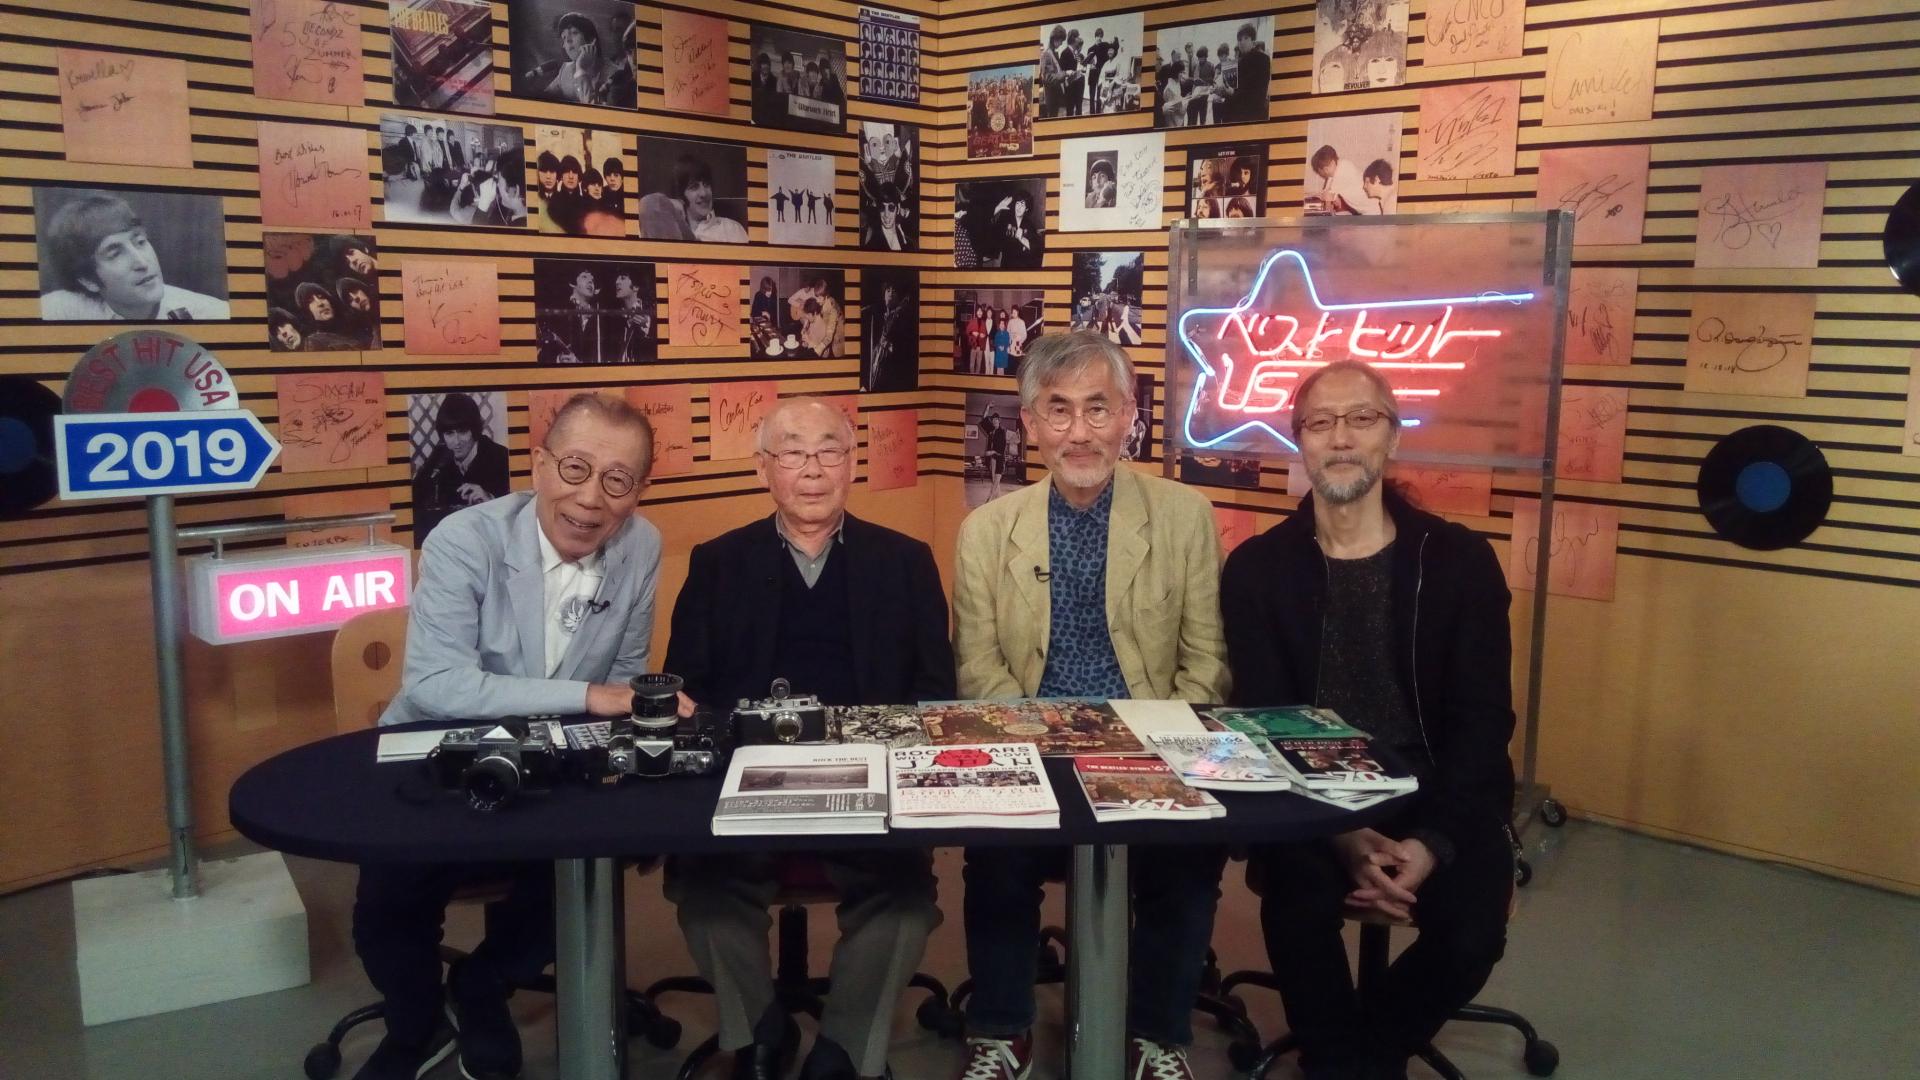 5月10日(金)放送『ベストヒット USA』のザ・ビートルズ特集にカメラマン長谷部宏が出演